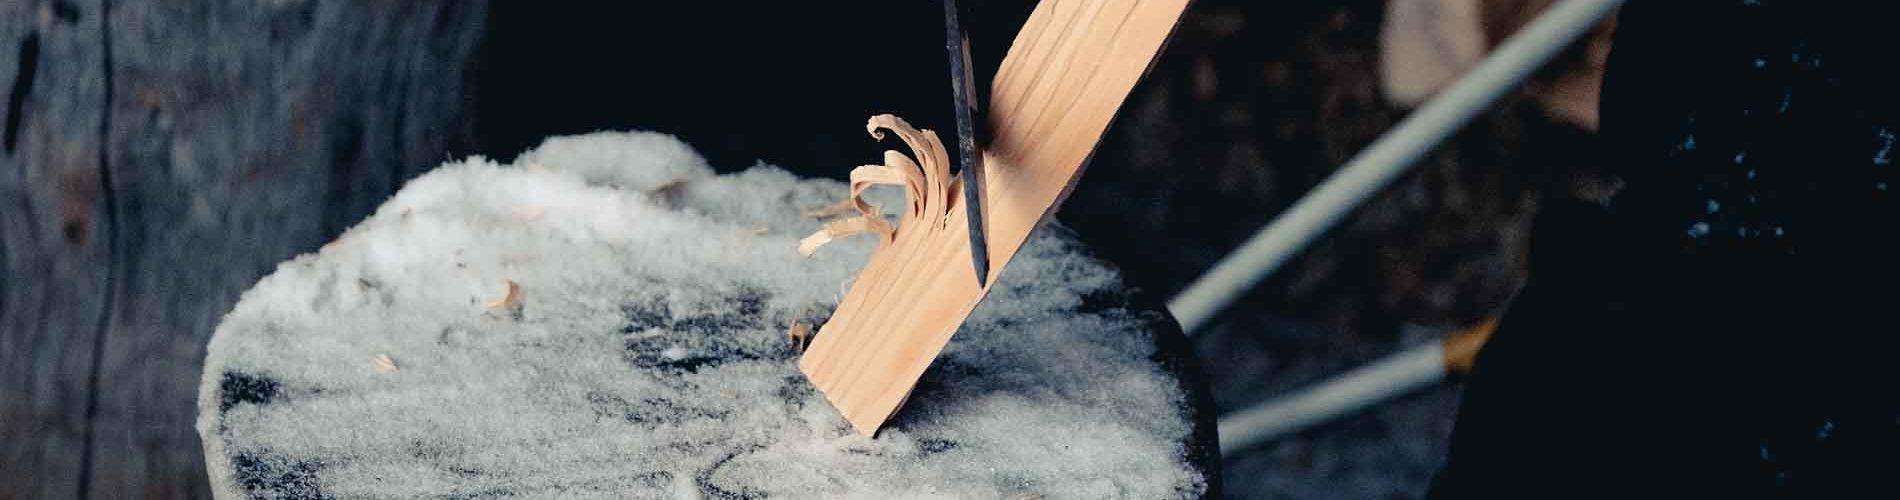 Foto de un carpintero puliendo una tabla sobre un cepo para decorar